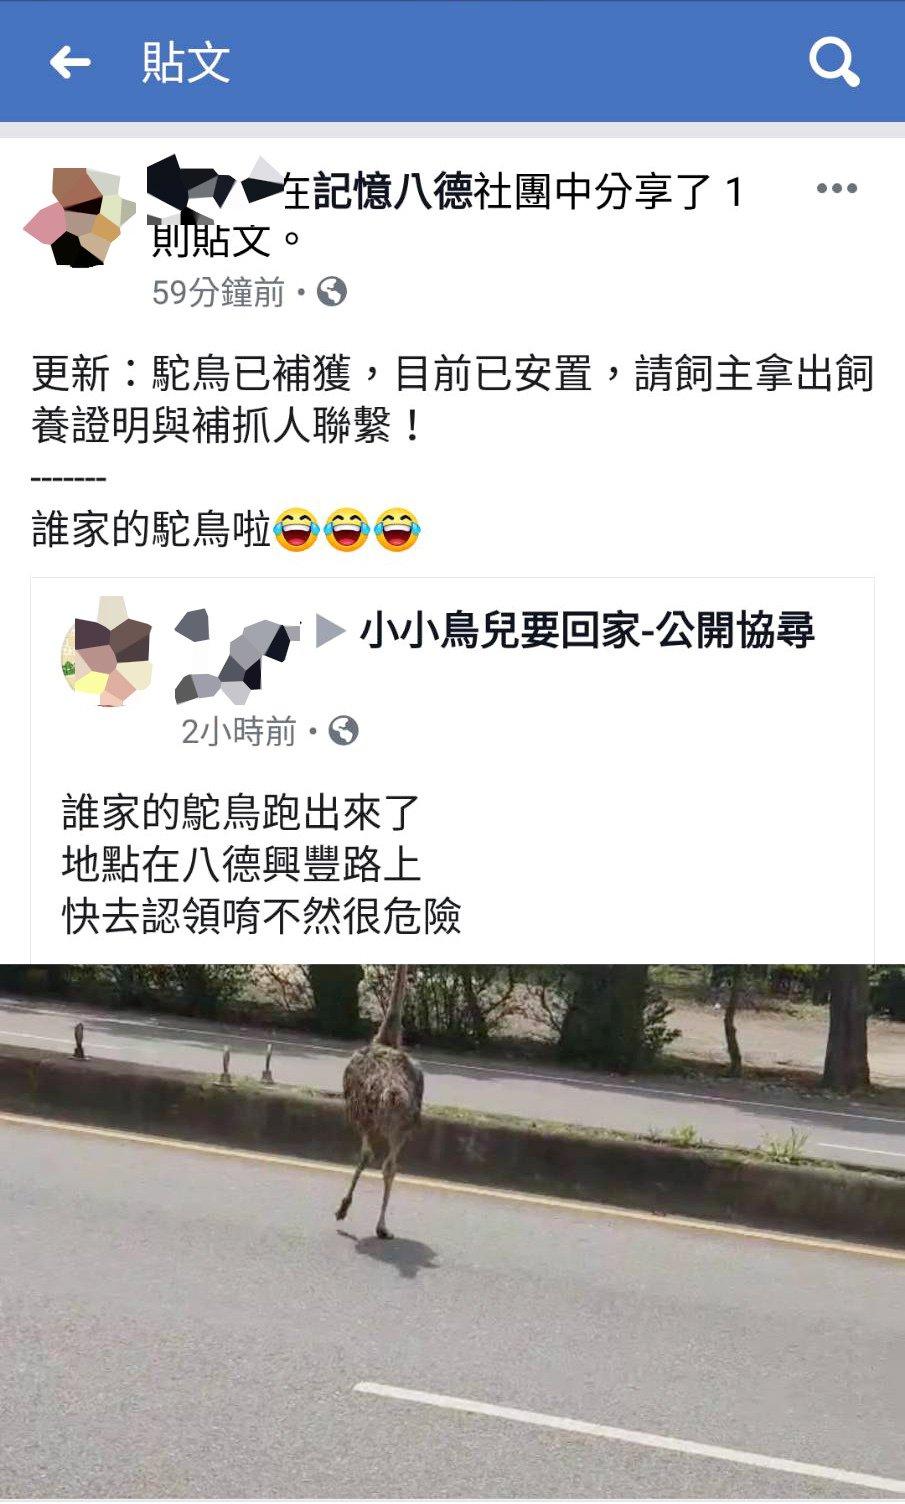 桃園市八德落跑的鴕鳥在興豐路上一路狂奔,車輛紛紛避開,網友在臉書「記憶八德」社群...